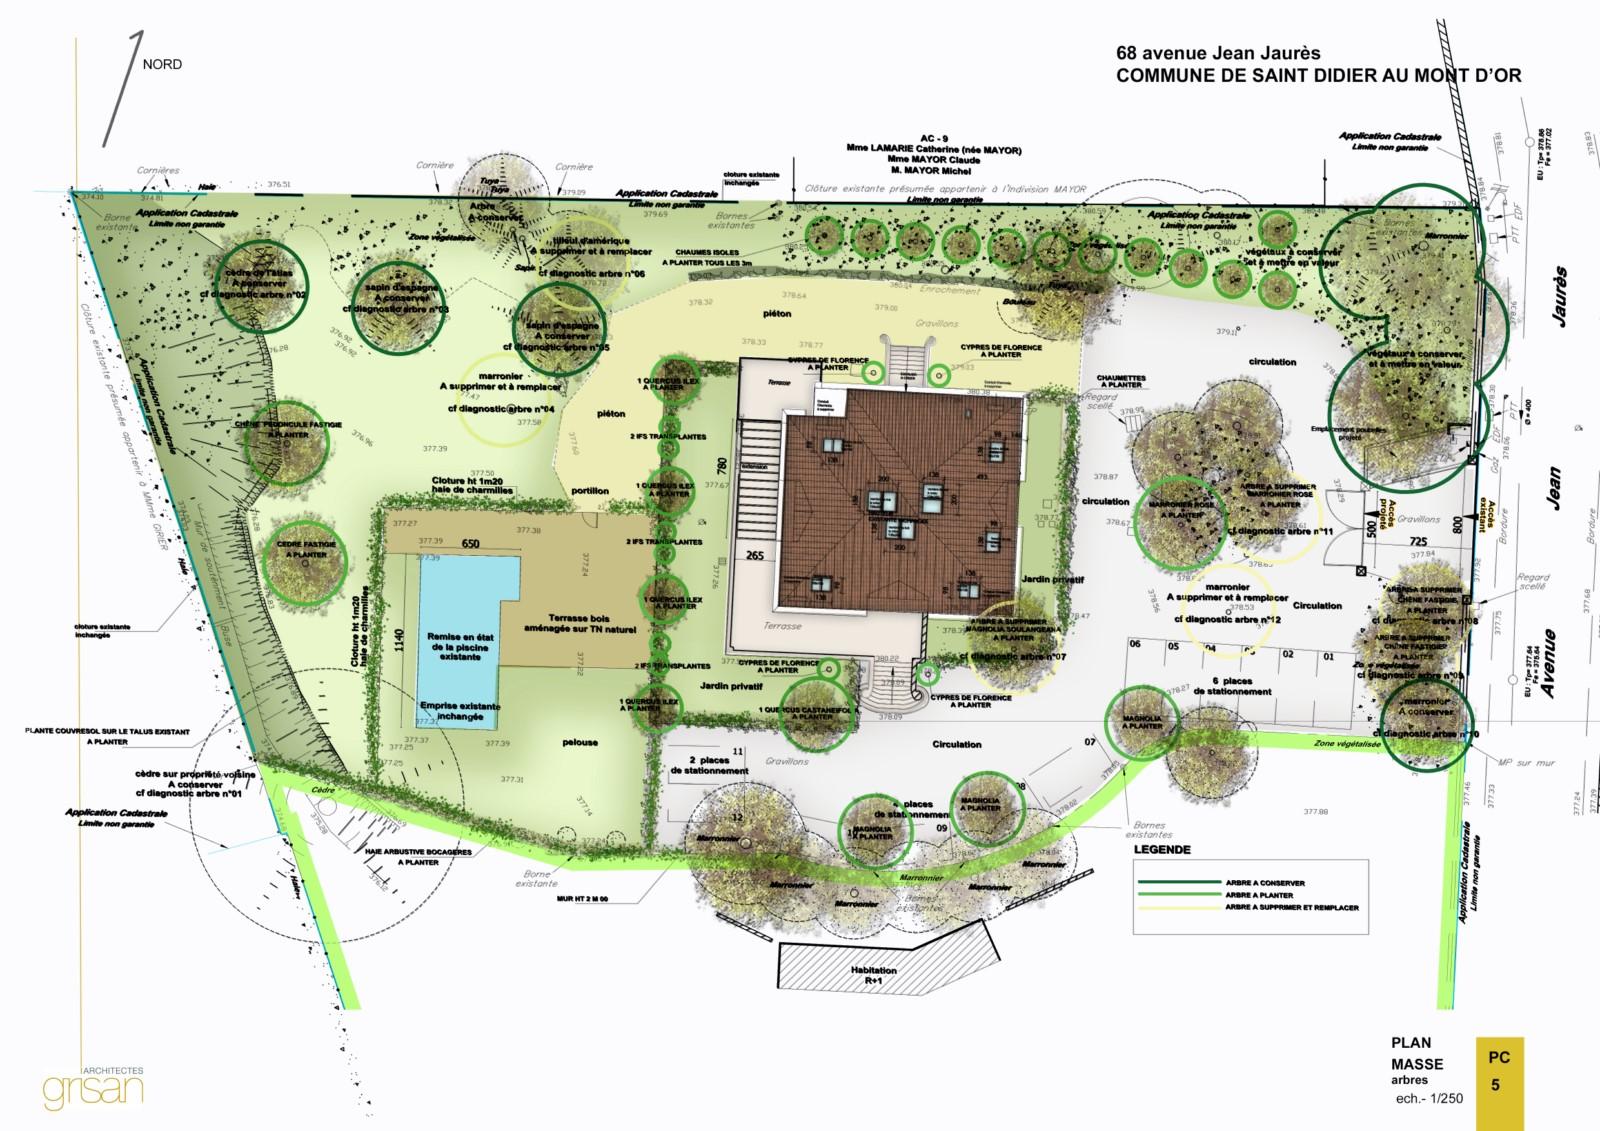 Plan de masse - Réhabilitation prestige - Saint Didier au Mont d'Or